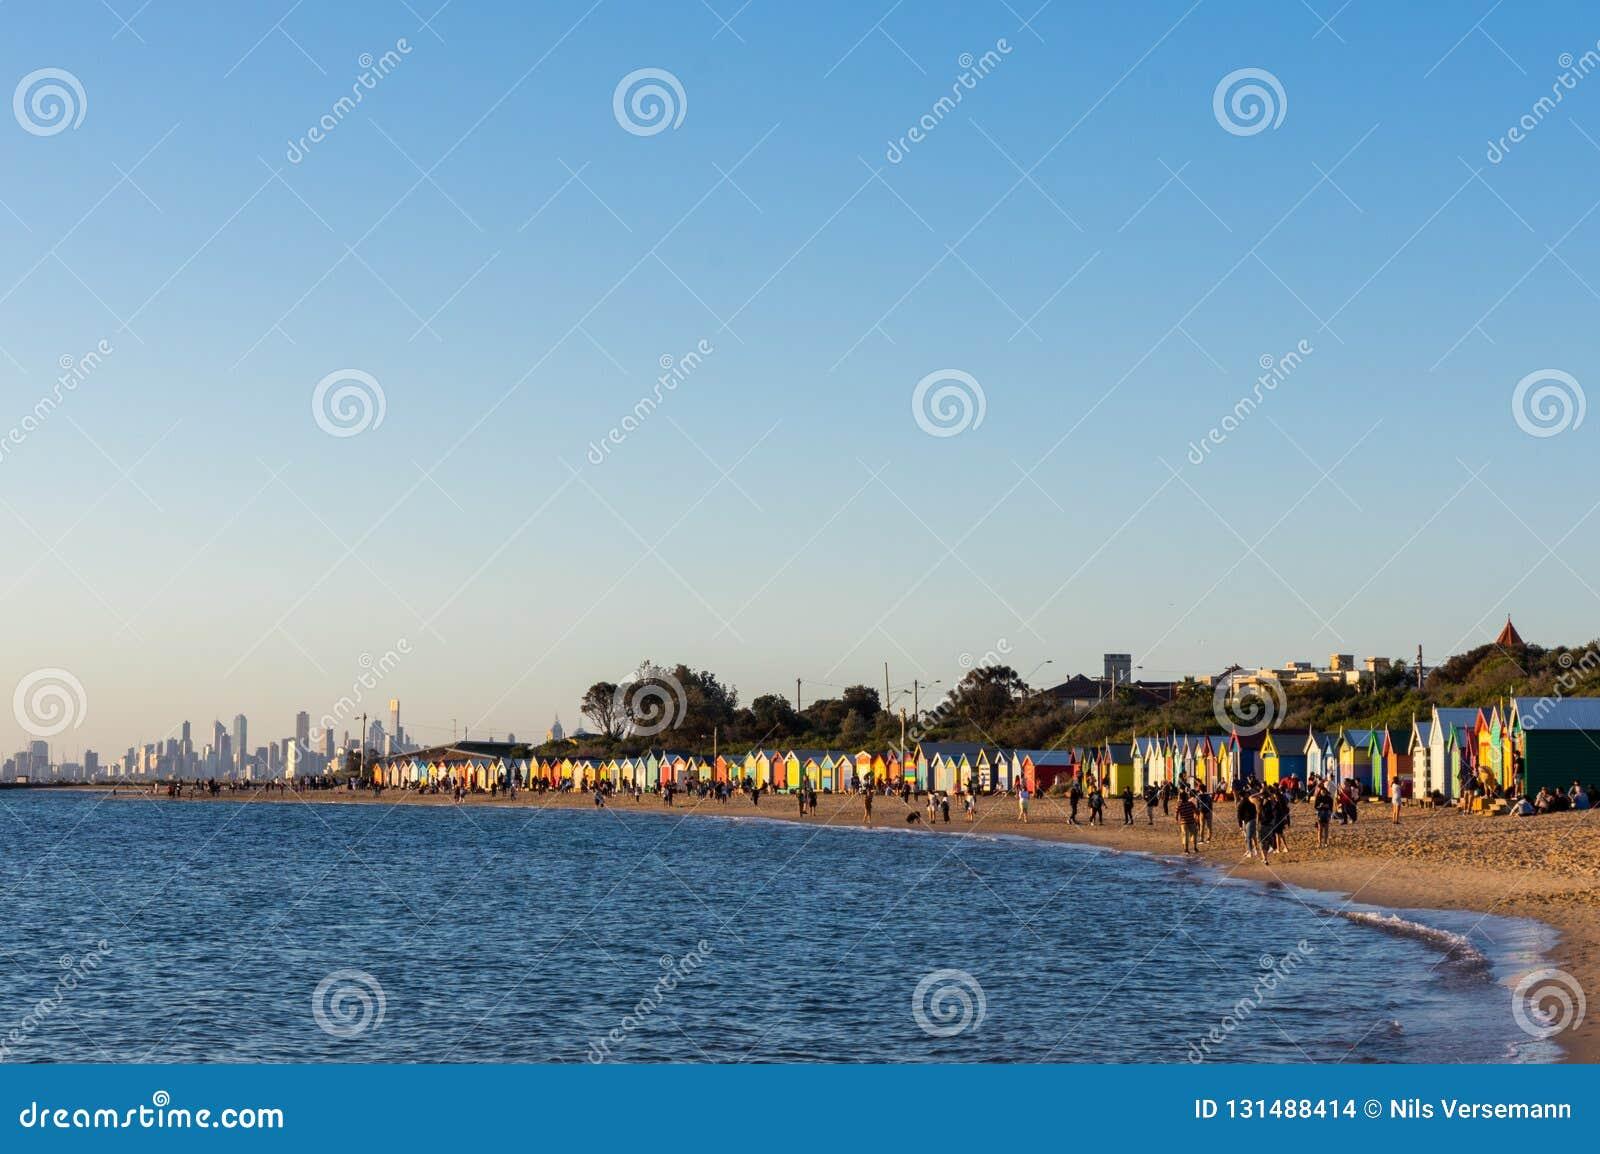 Πλήθη στην πολυάσχολη παραλία του Μπράιτον, περιοχή πολλών ζωηρόχρωμων κιβωτίων λουσίματος